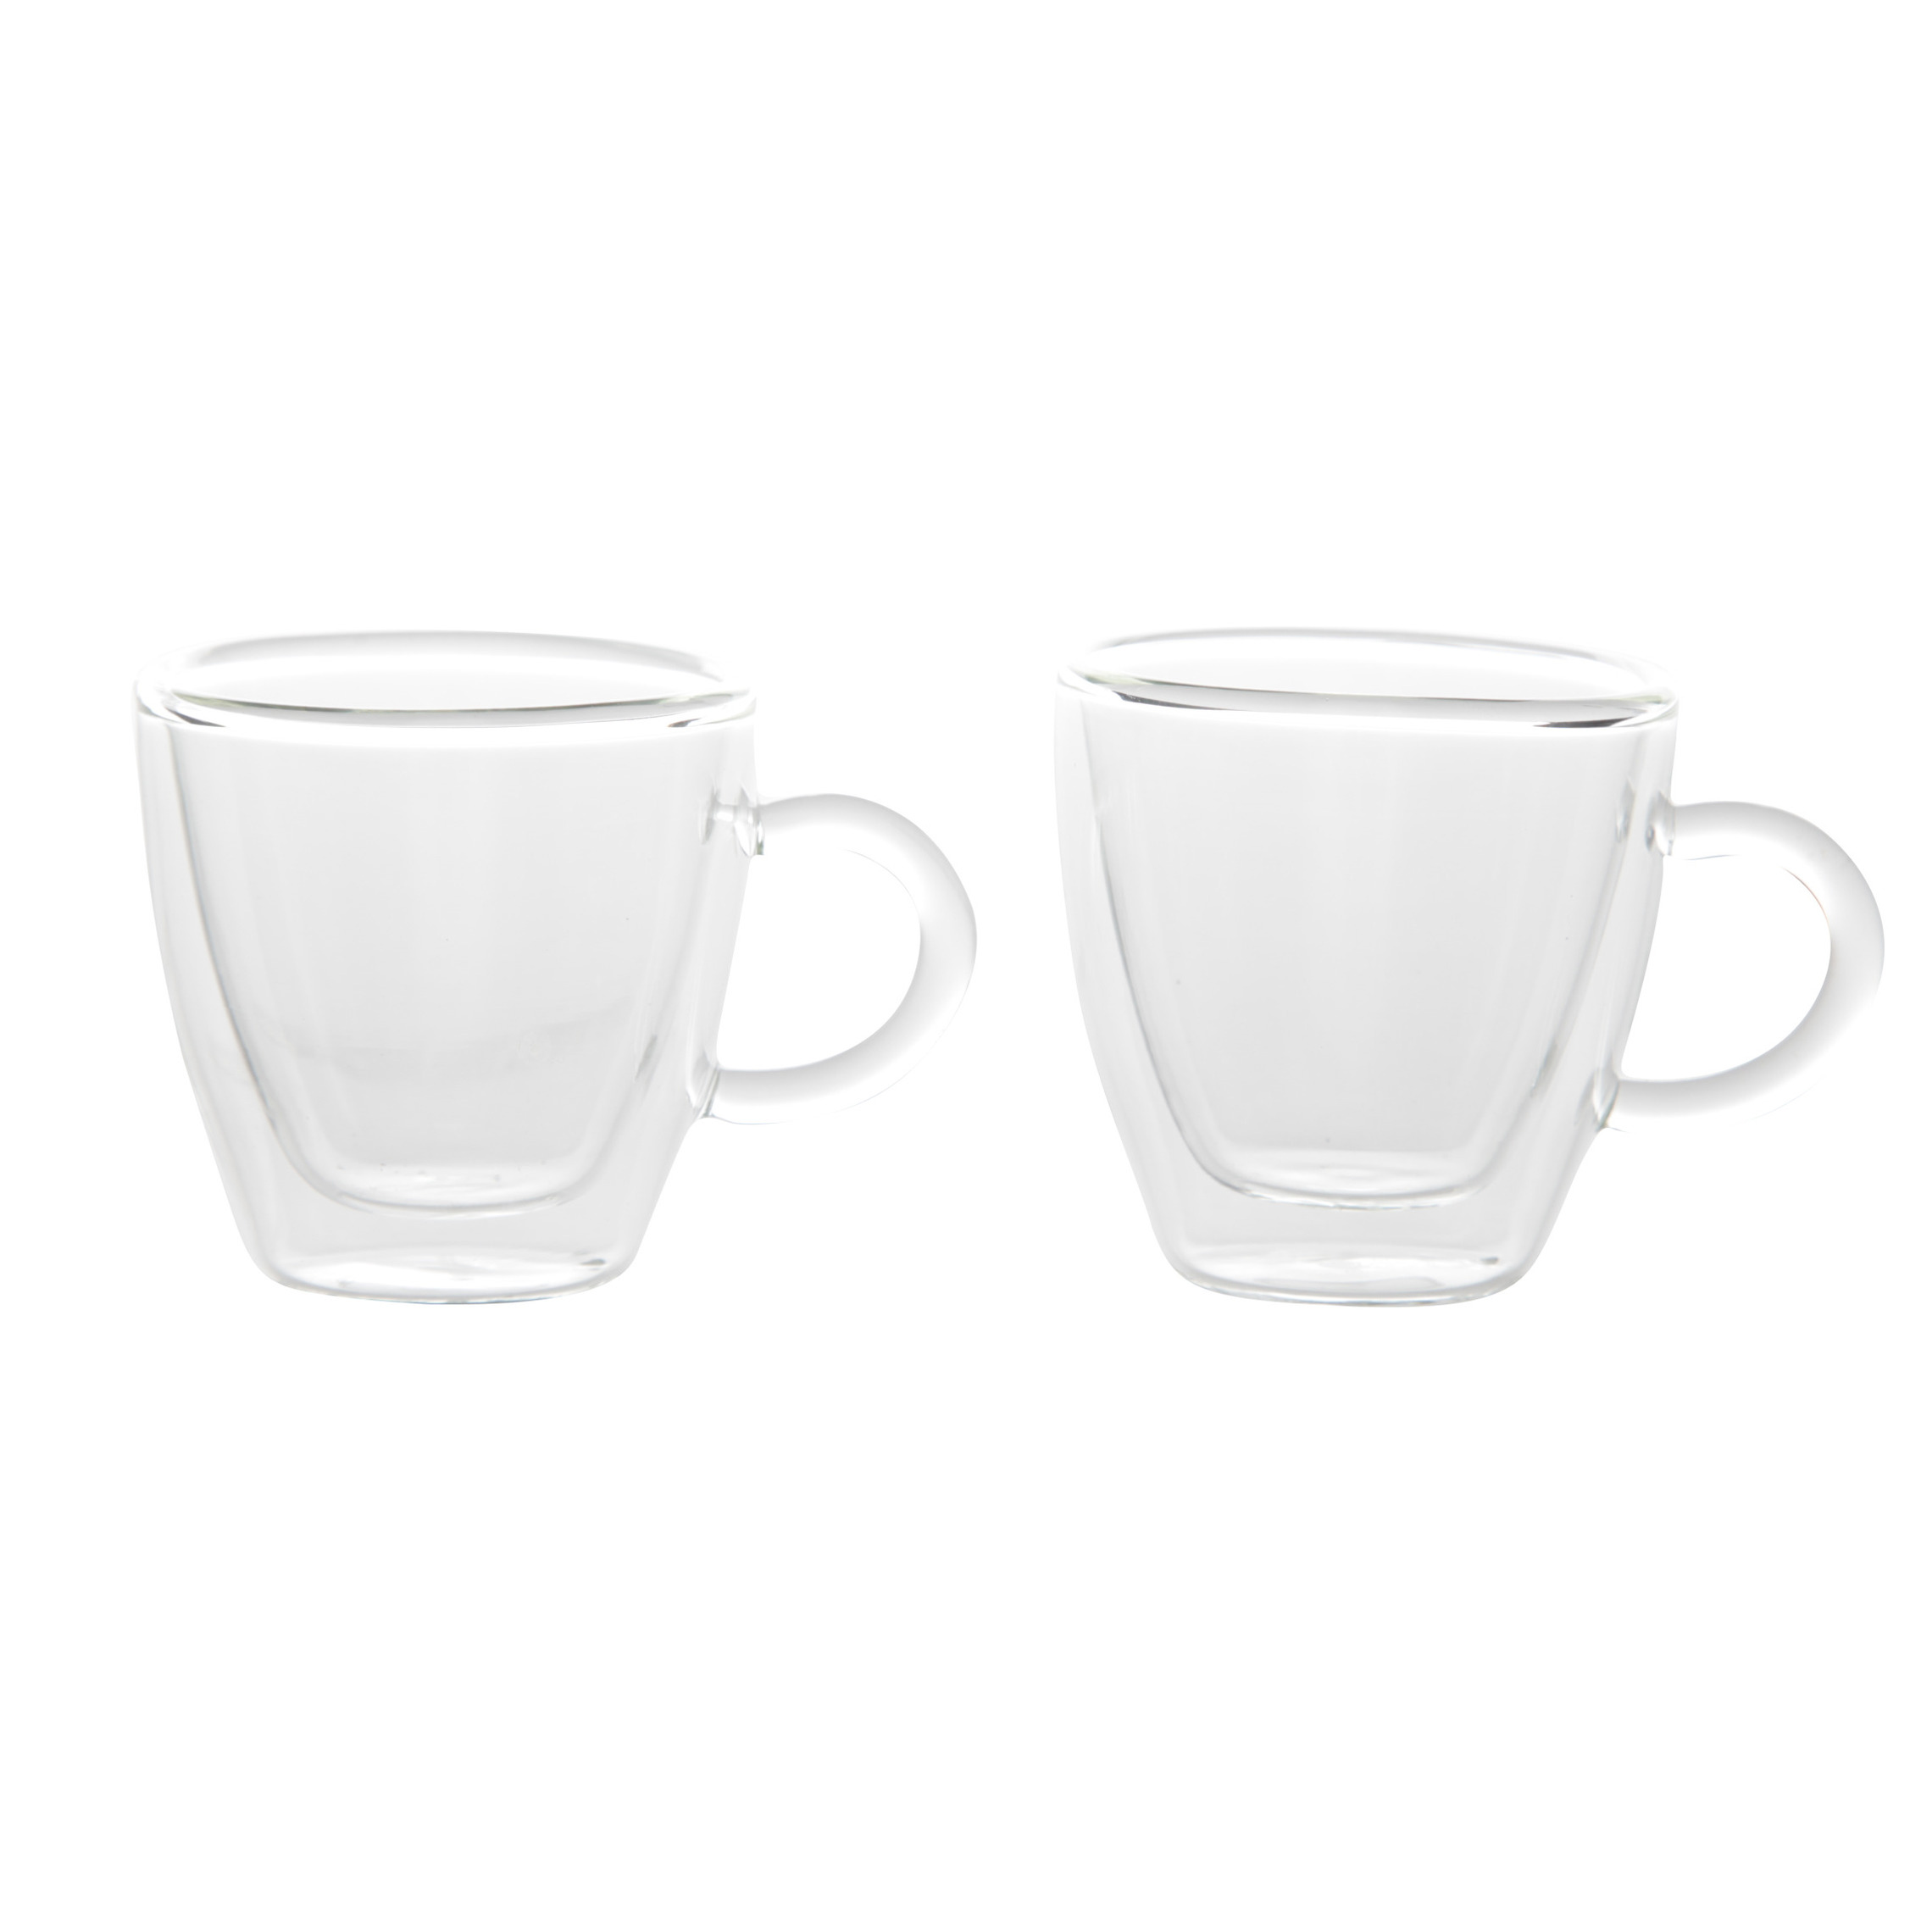 Set van 8x Koffie/espresso glazen dubbelwandig 60 ml - transparant -